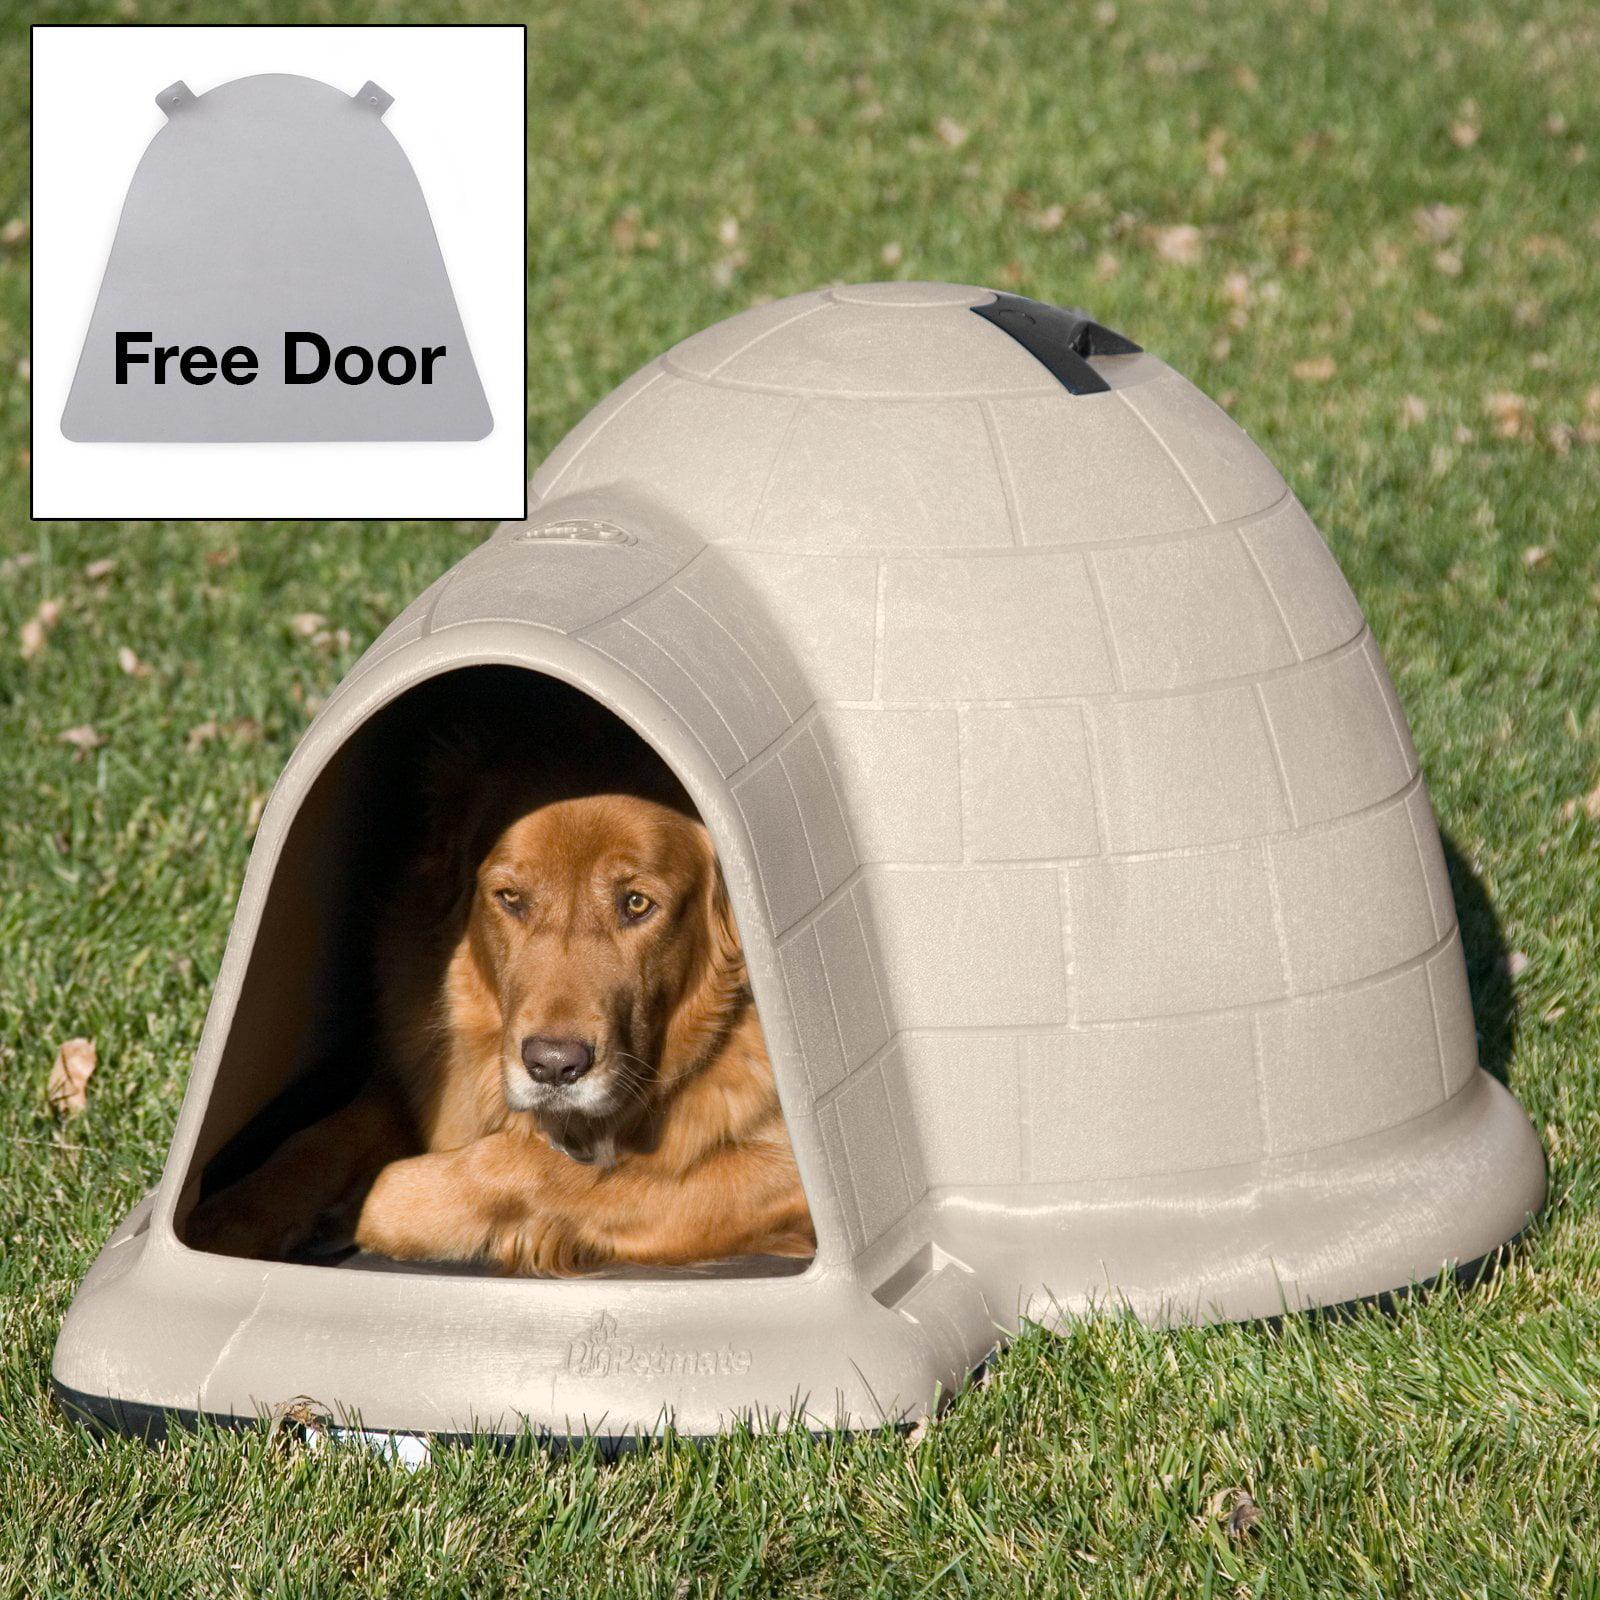 Doskocil Petmate Indigo Dog House with FREE Dog Door